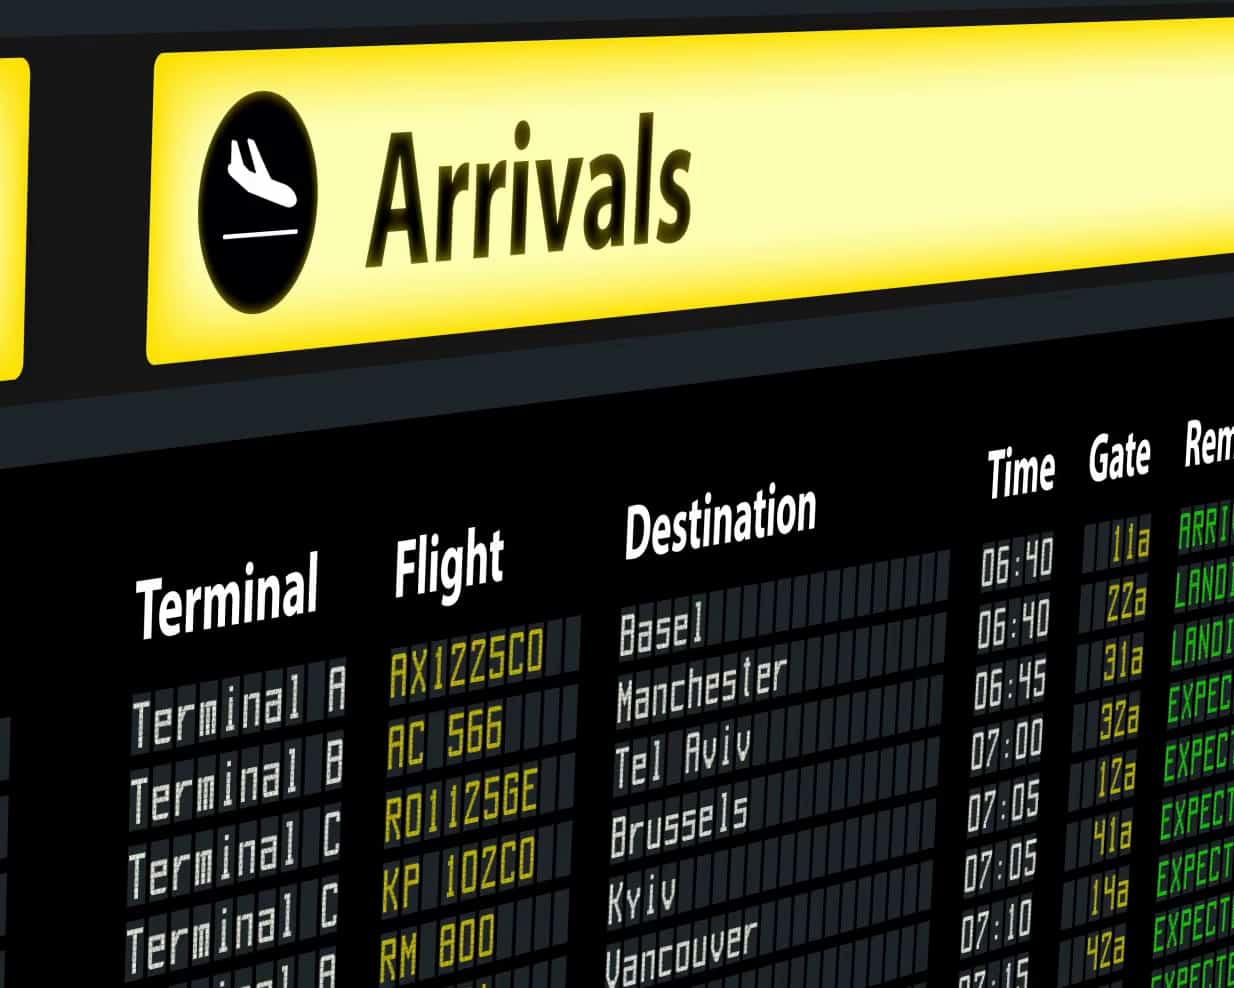 Flughafen Arrivals